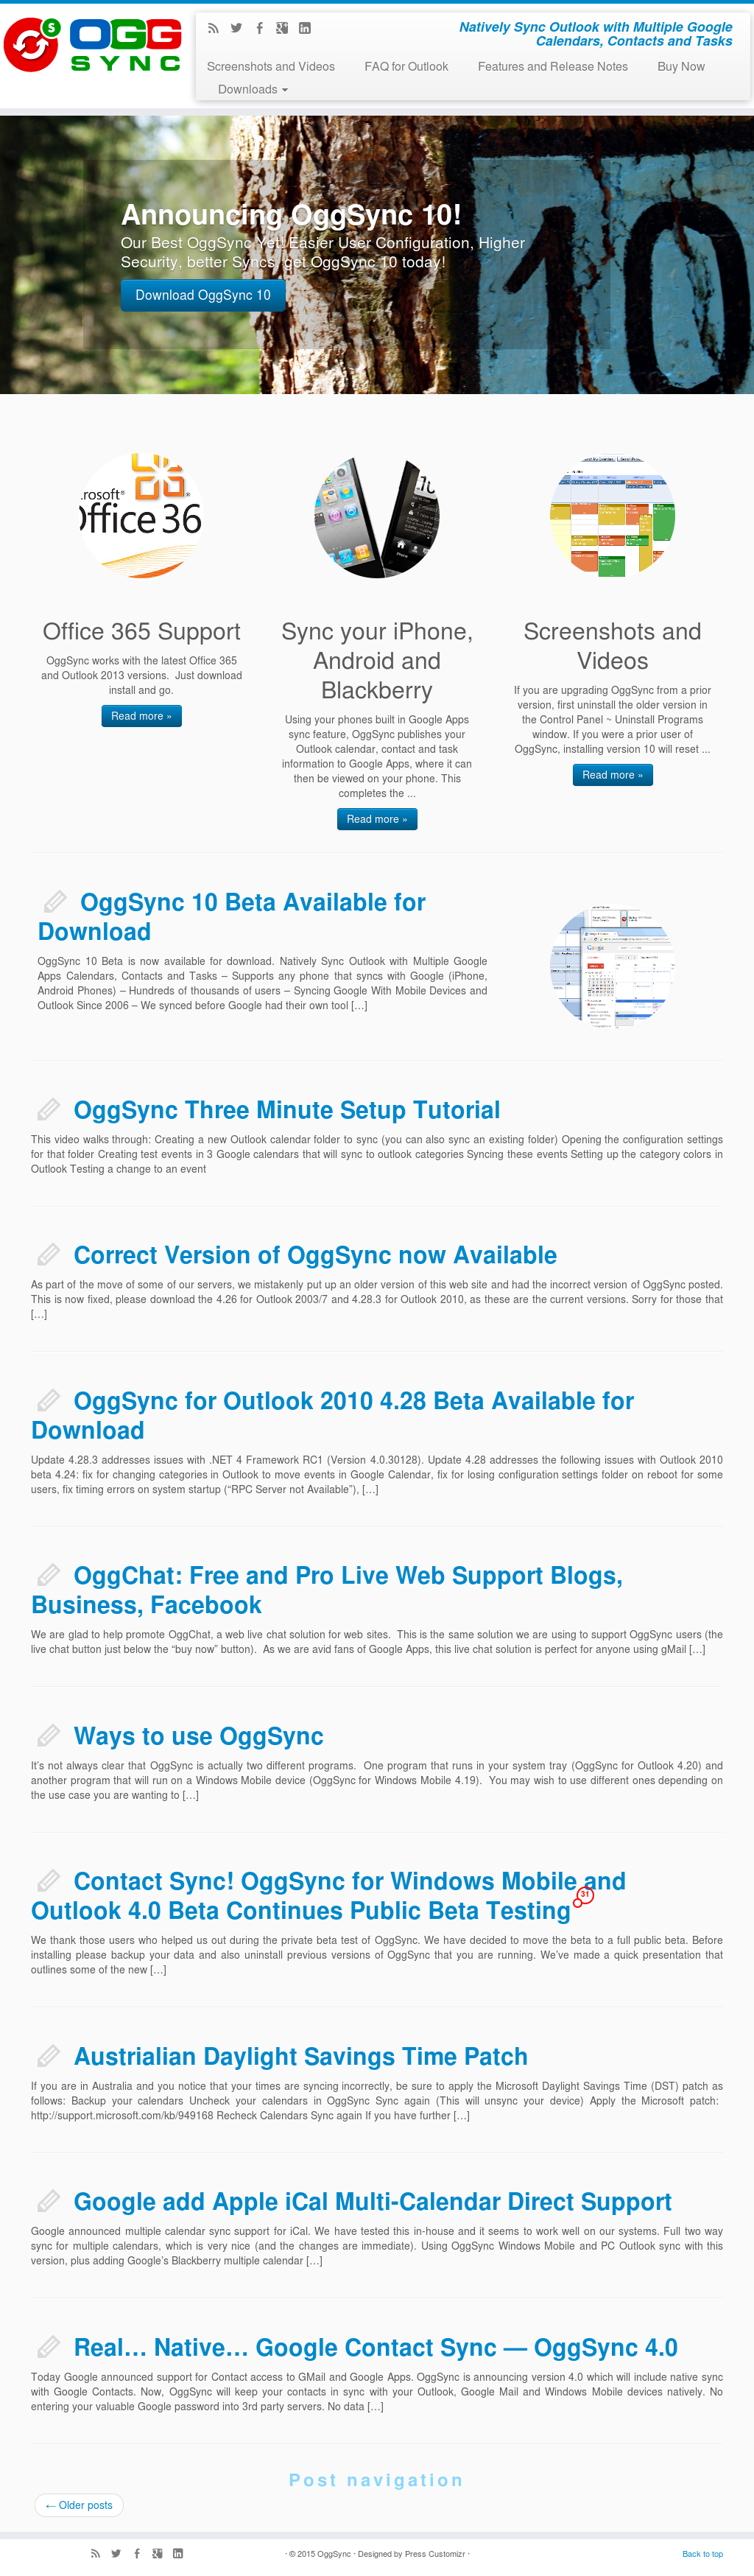 Avaya aura communication manager methods for updating daylight.